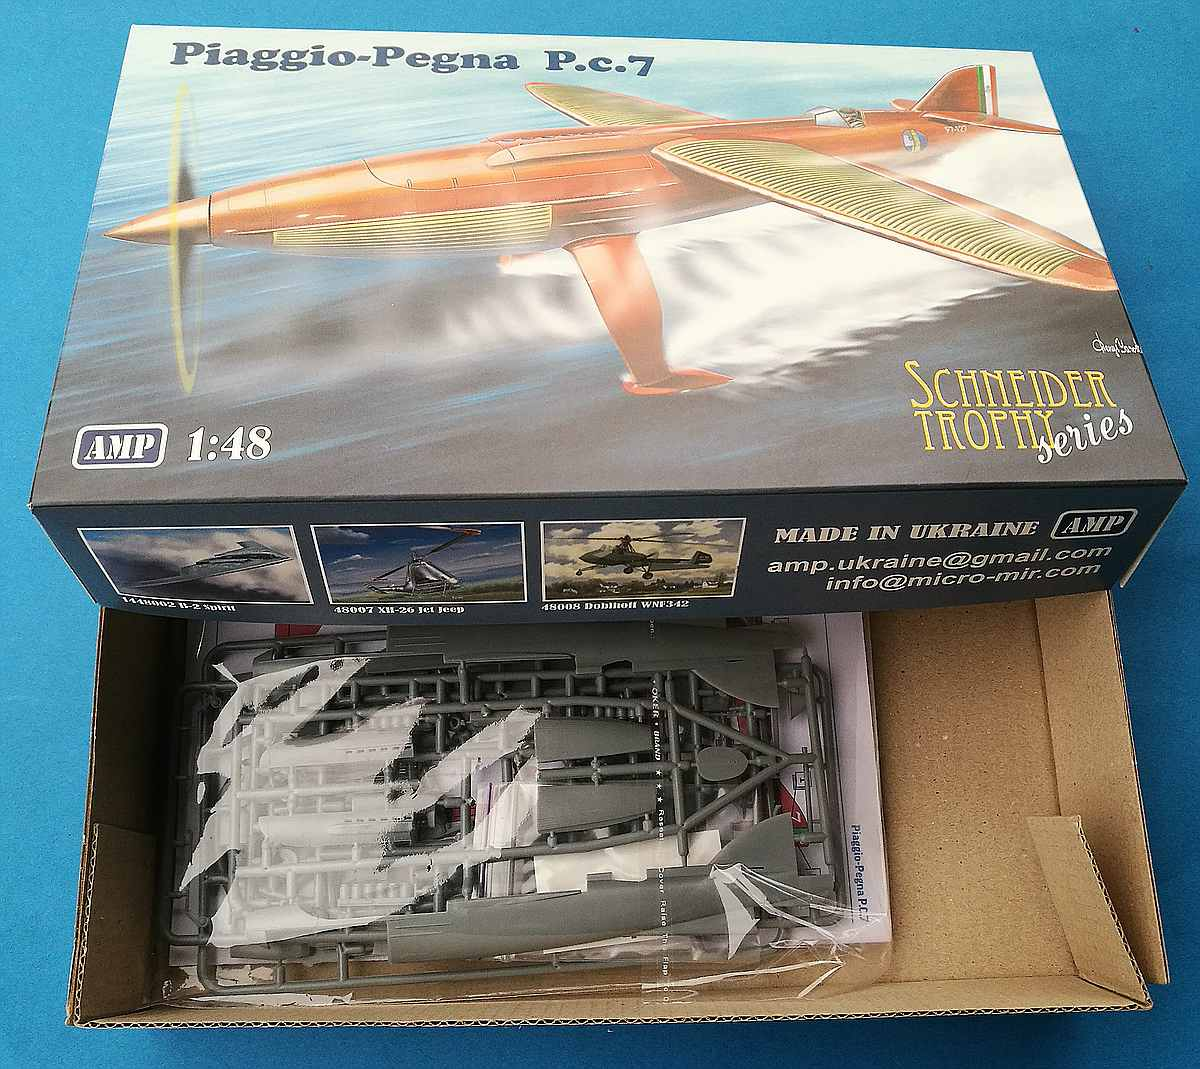 AMP-48011-Piaggio-Pegna-P.c-7 Piaggio Pegna P.c. 7 in 1:48 von AMP #48011